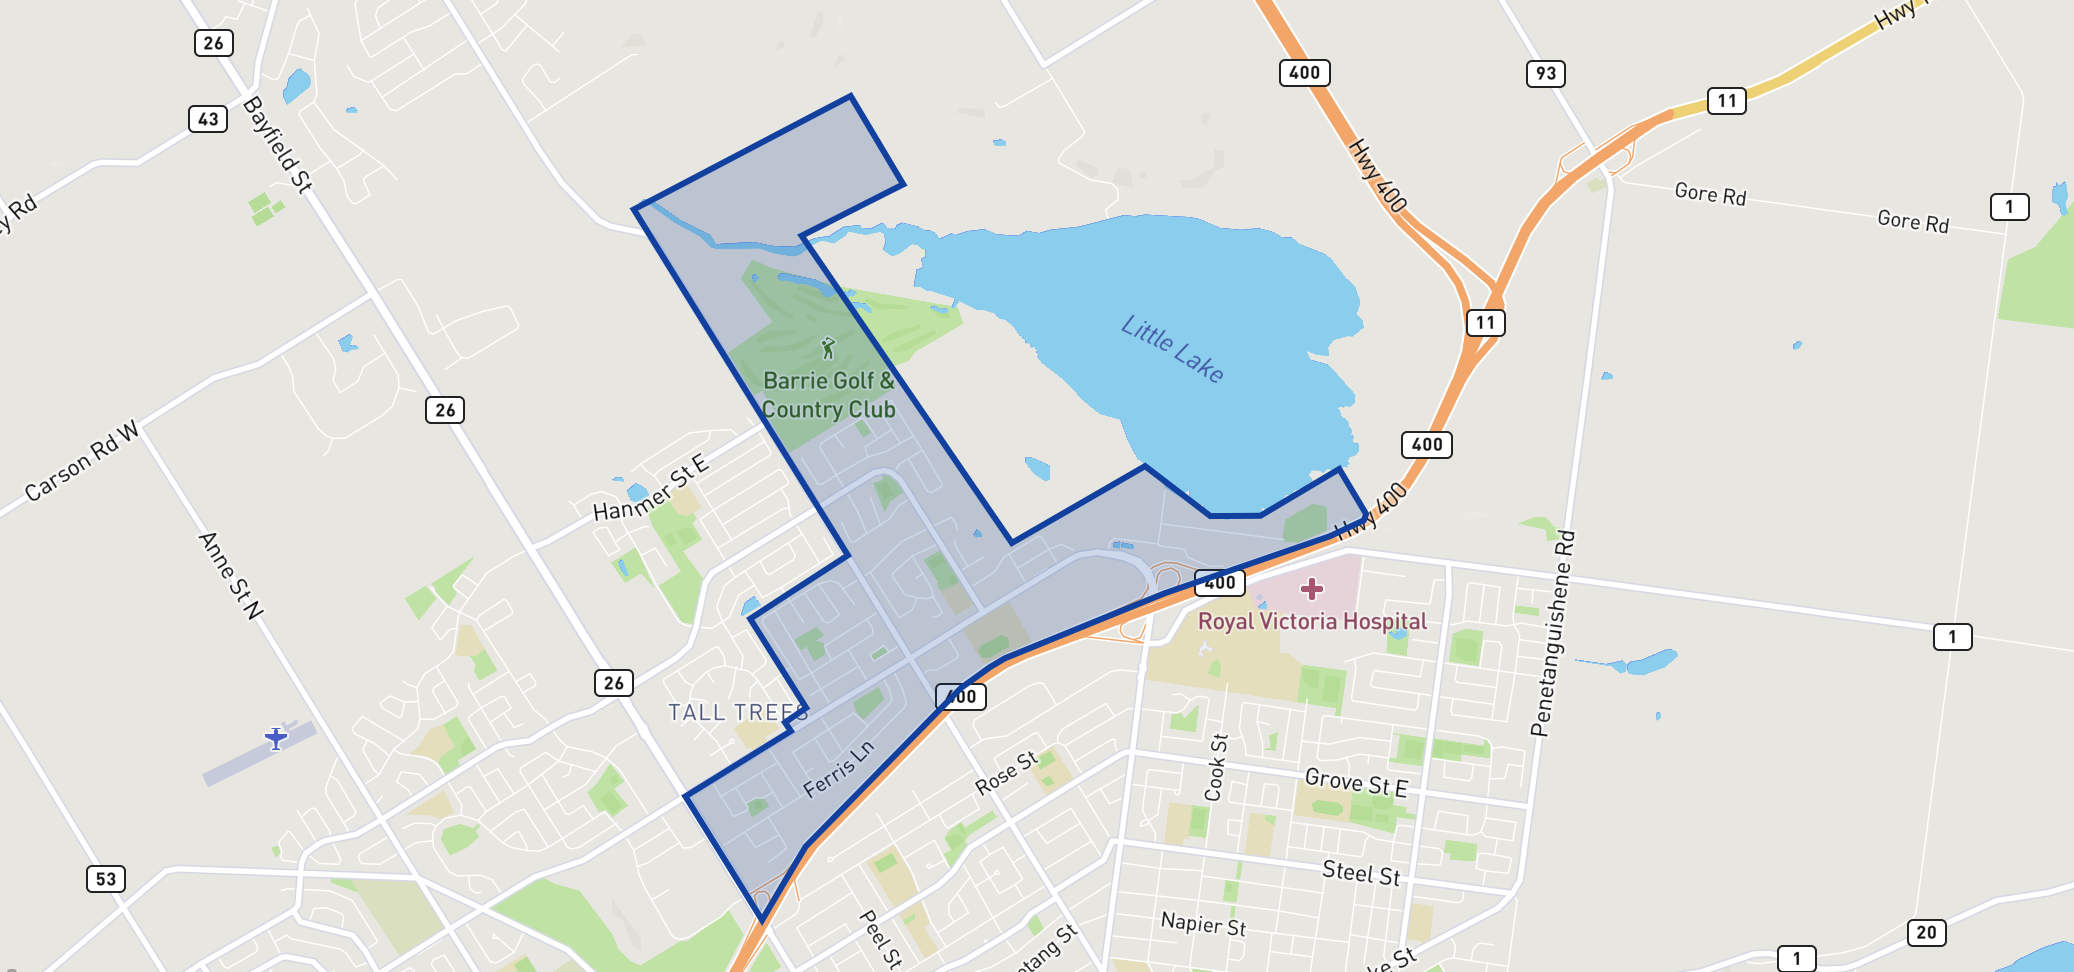 Monsignor Clair Separate School neighbourhood borders